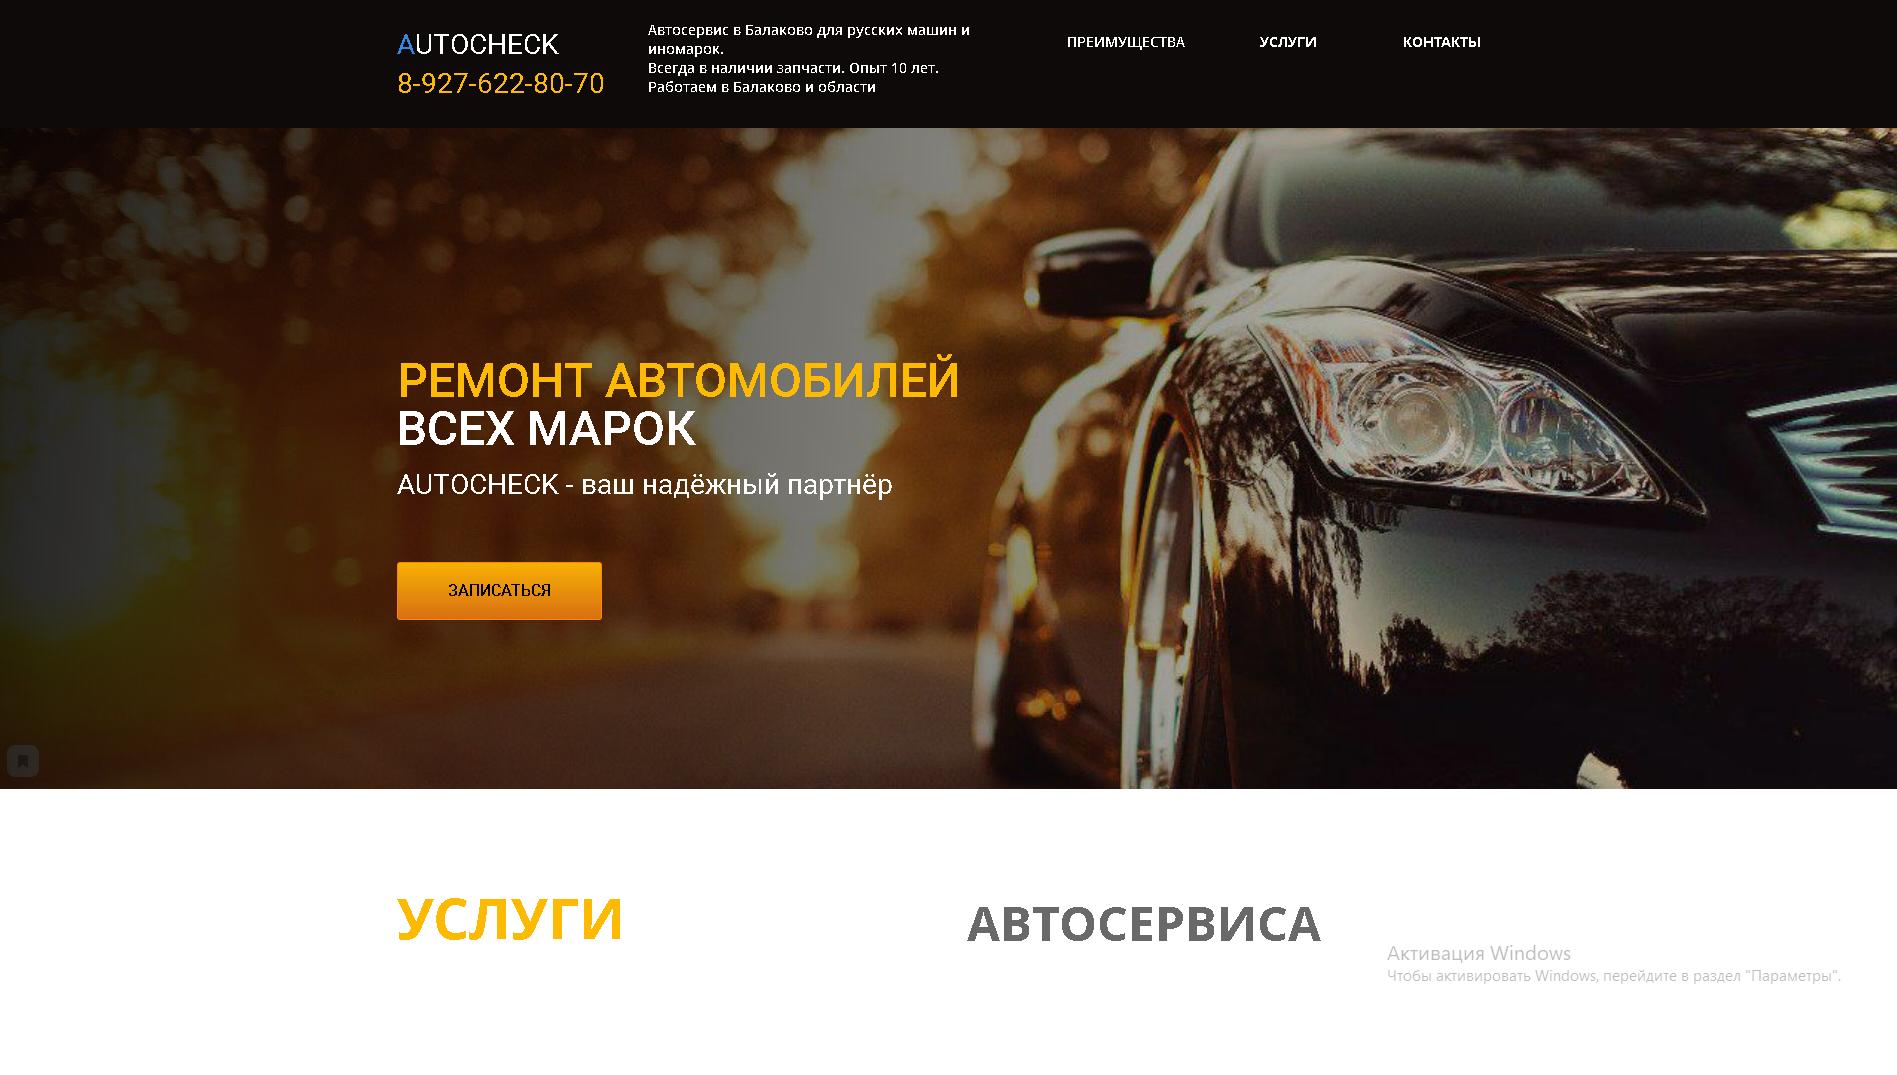 СТО и Автомойка в Балаково